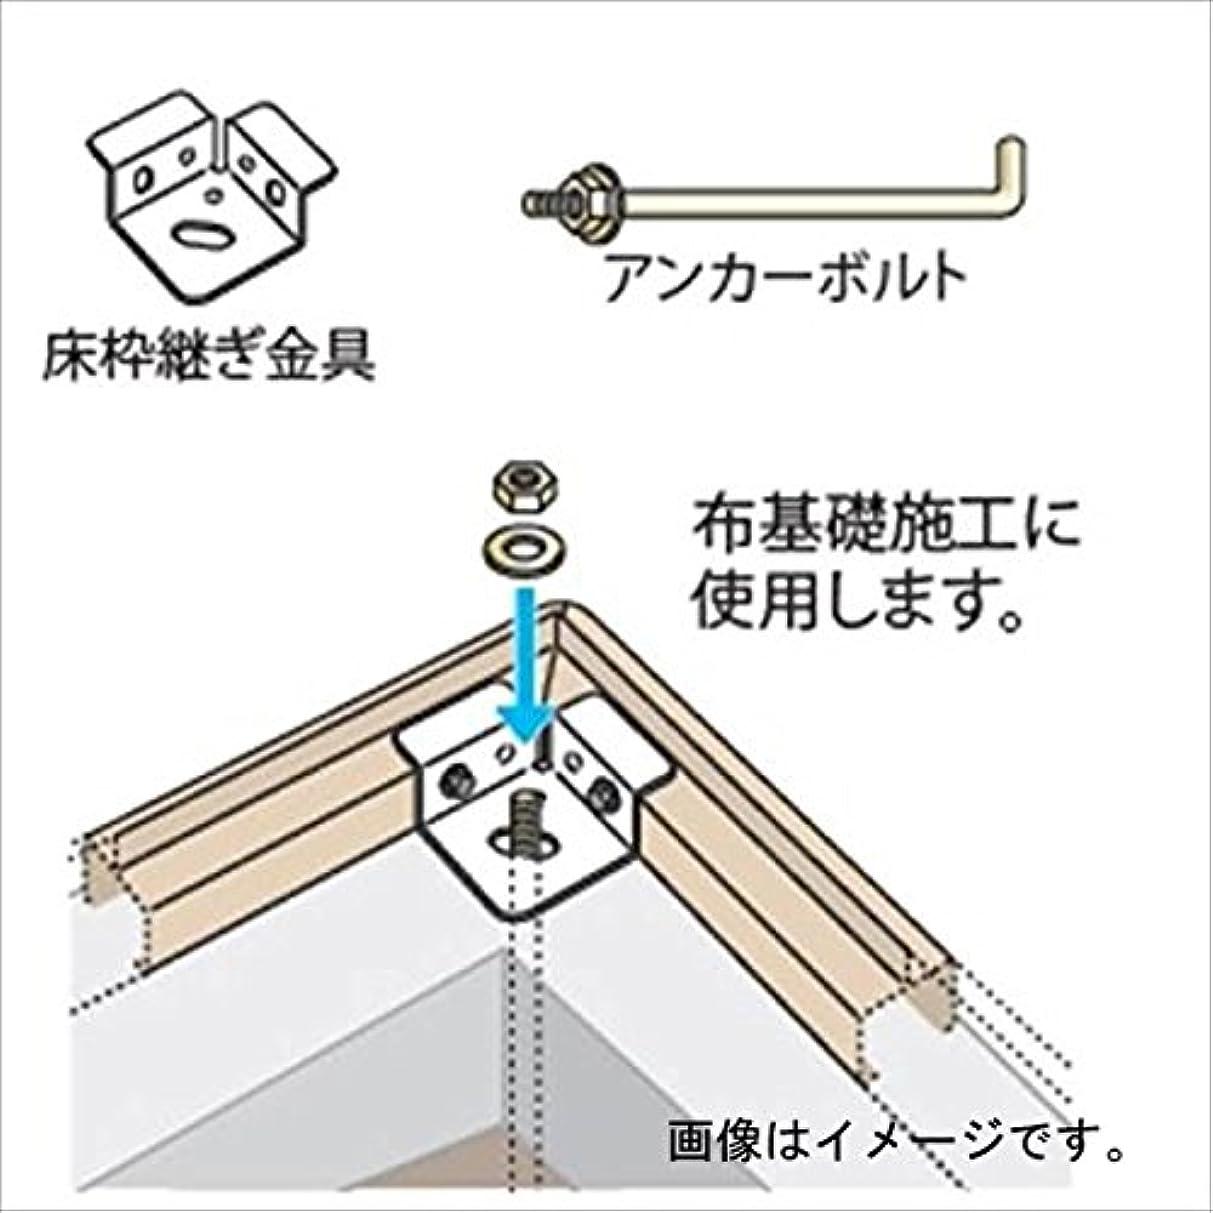 起業家巨人ヨーグルト田窪工業所 タクボ物置 オプション アンカーボルトセット(基本用 各4個) TYR-AK